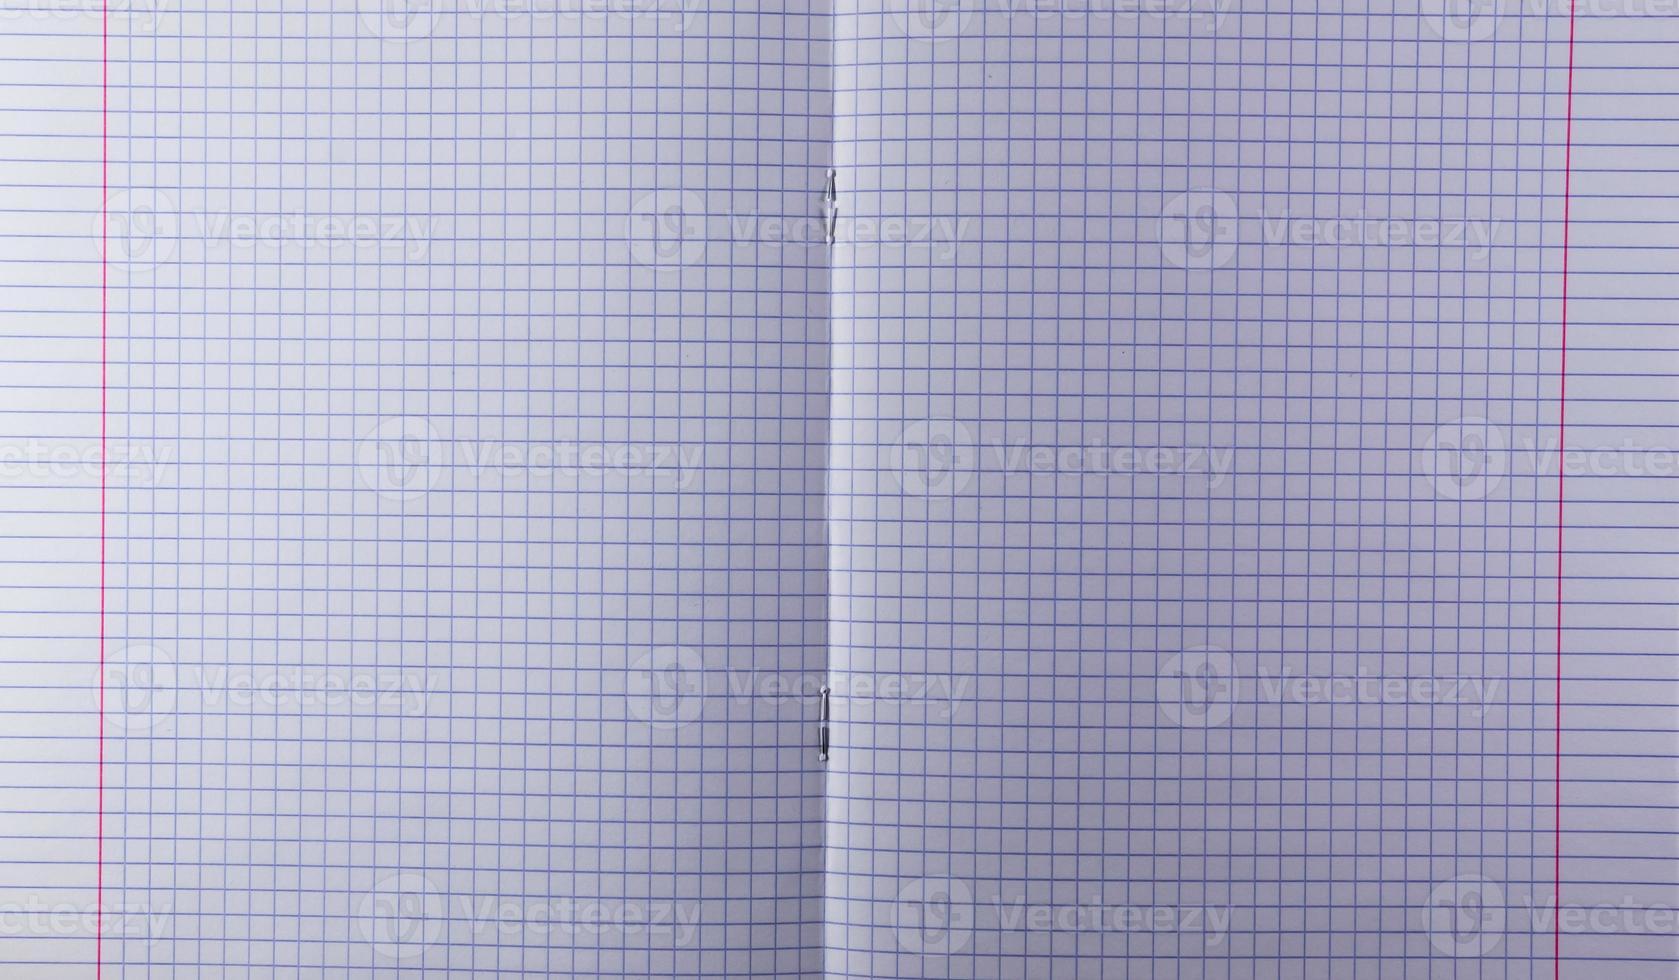 öppen kubad textbok foto